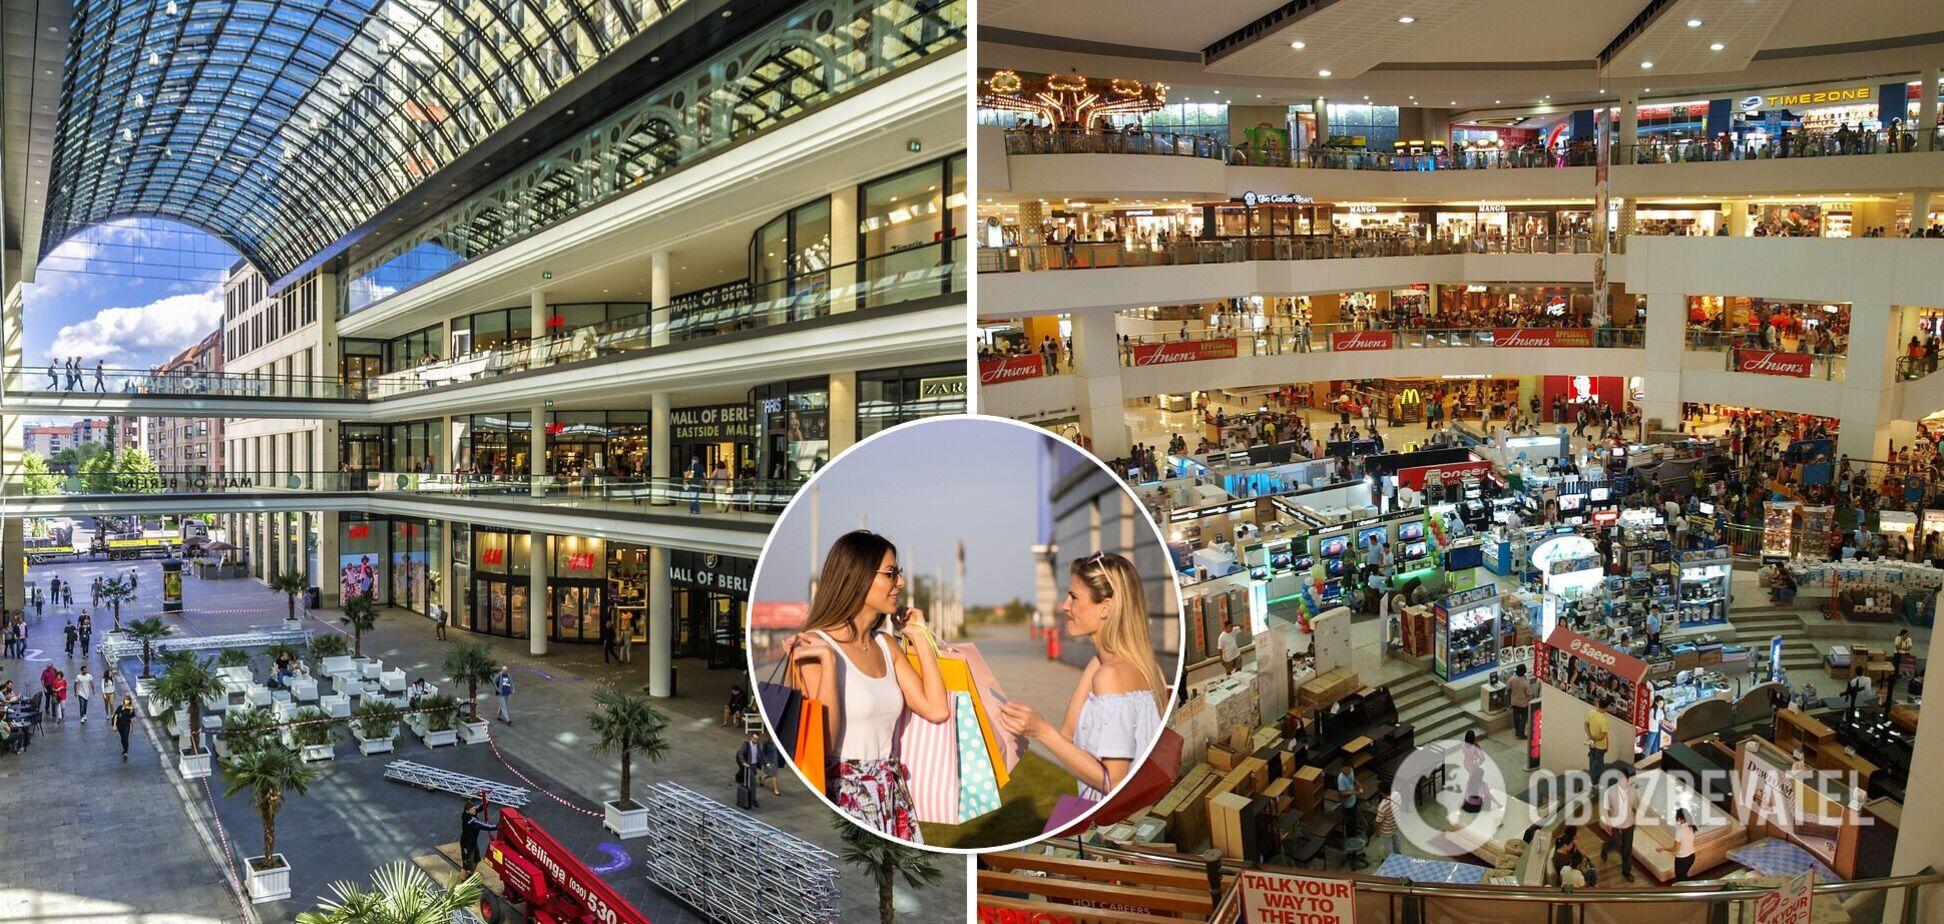 Топ 5 міст для шопінг-туру, де можна дешево купити брендові речі